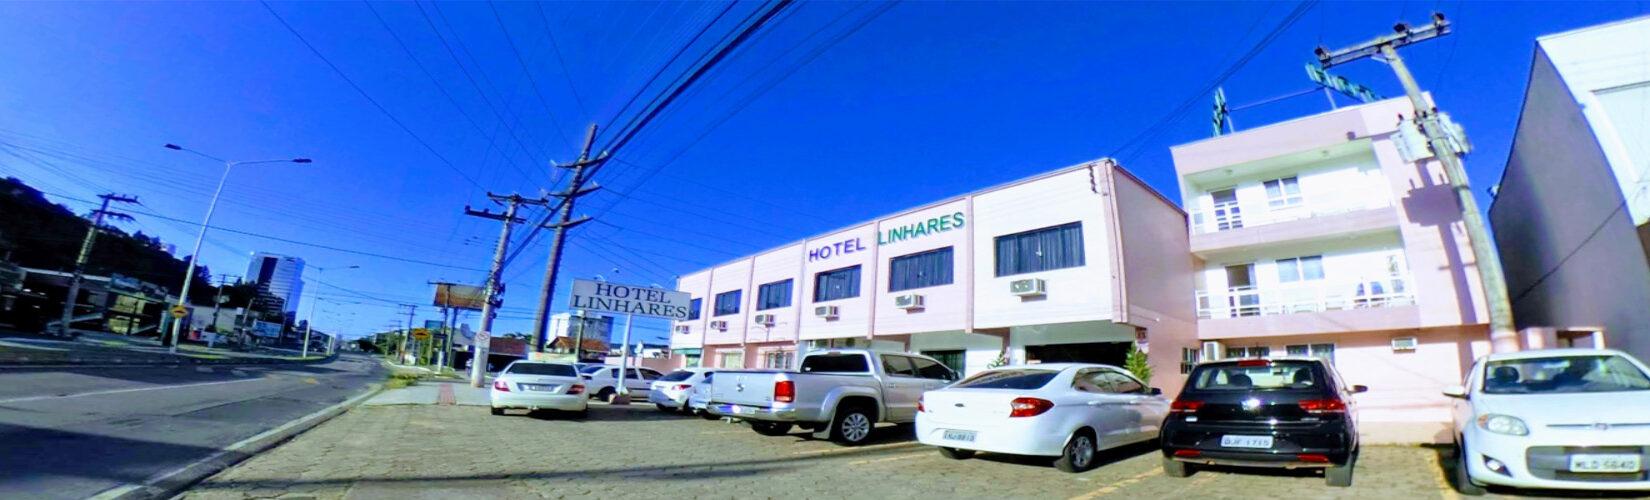 Hotel Linhares